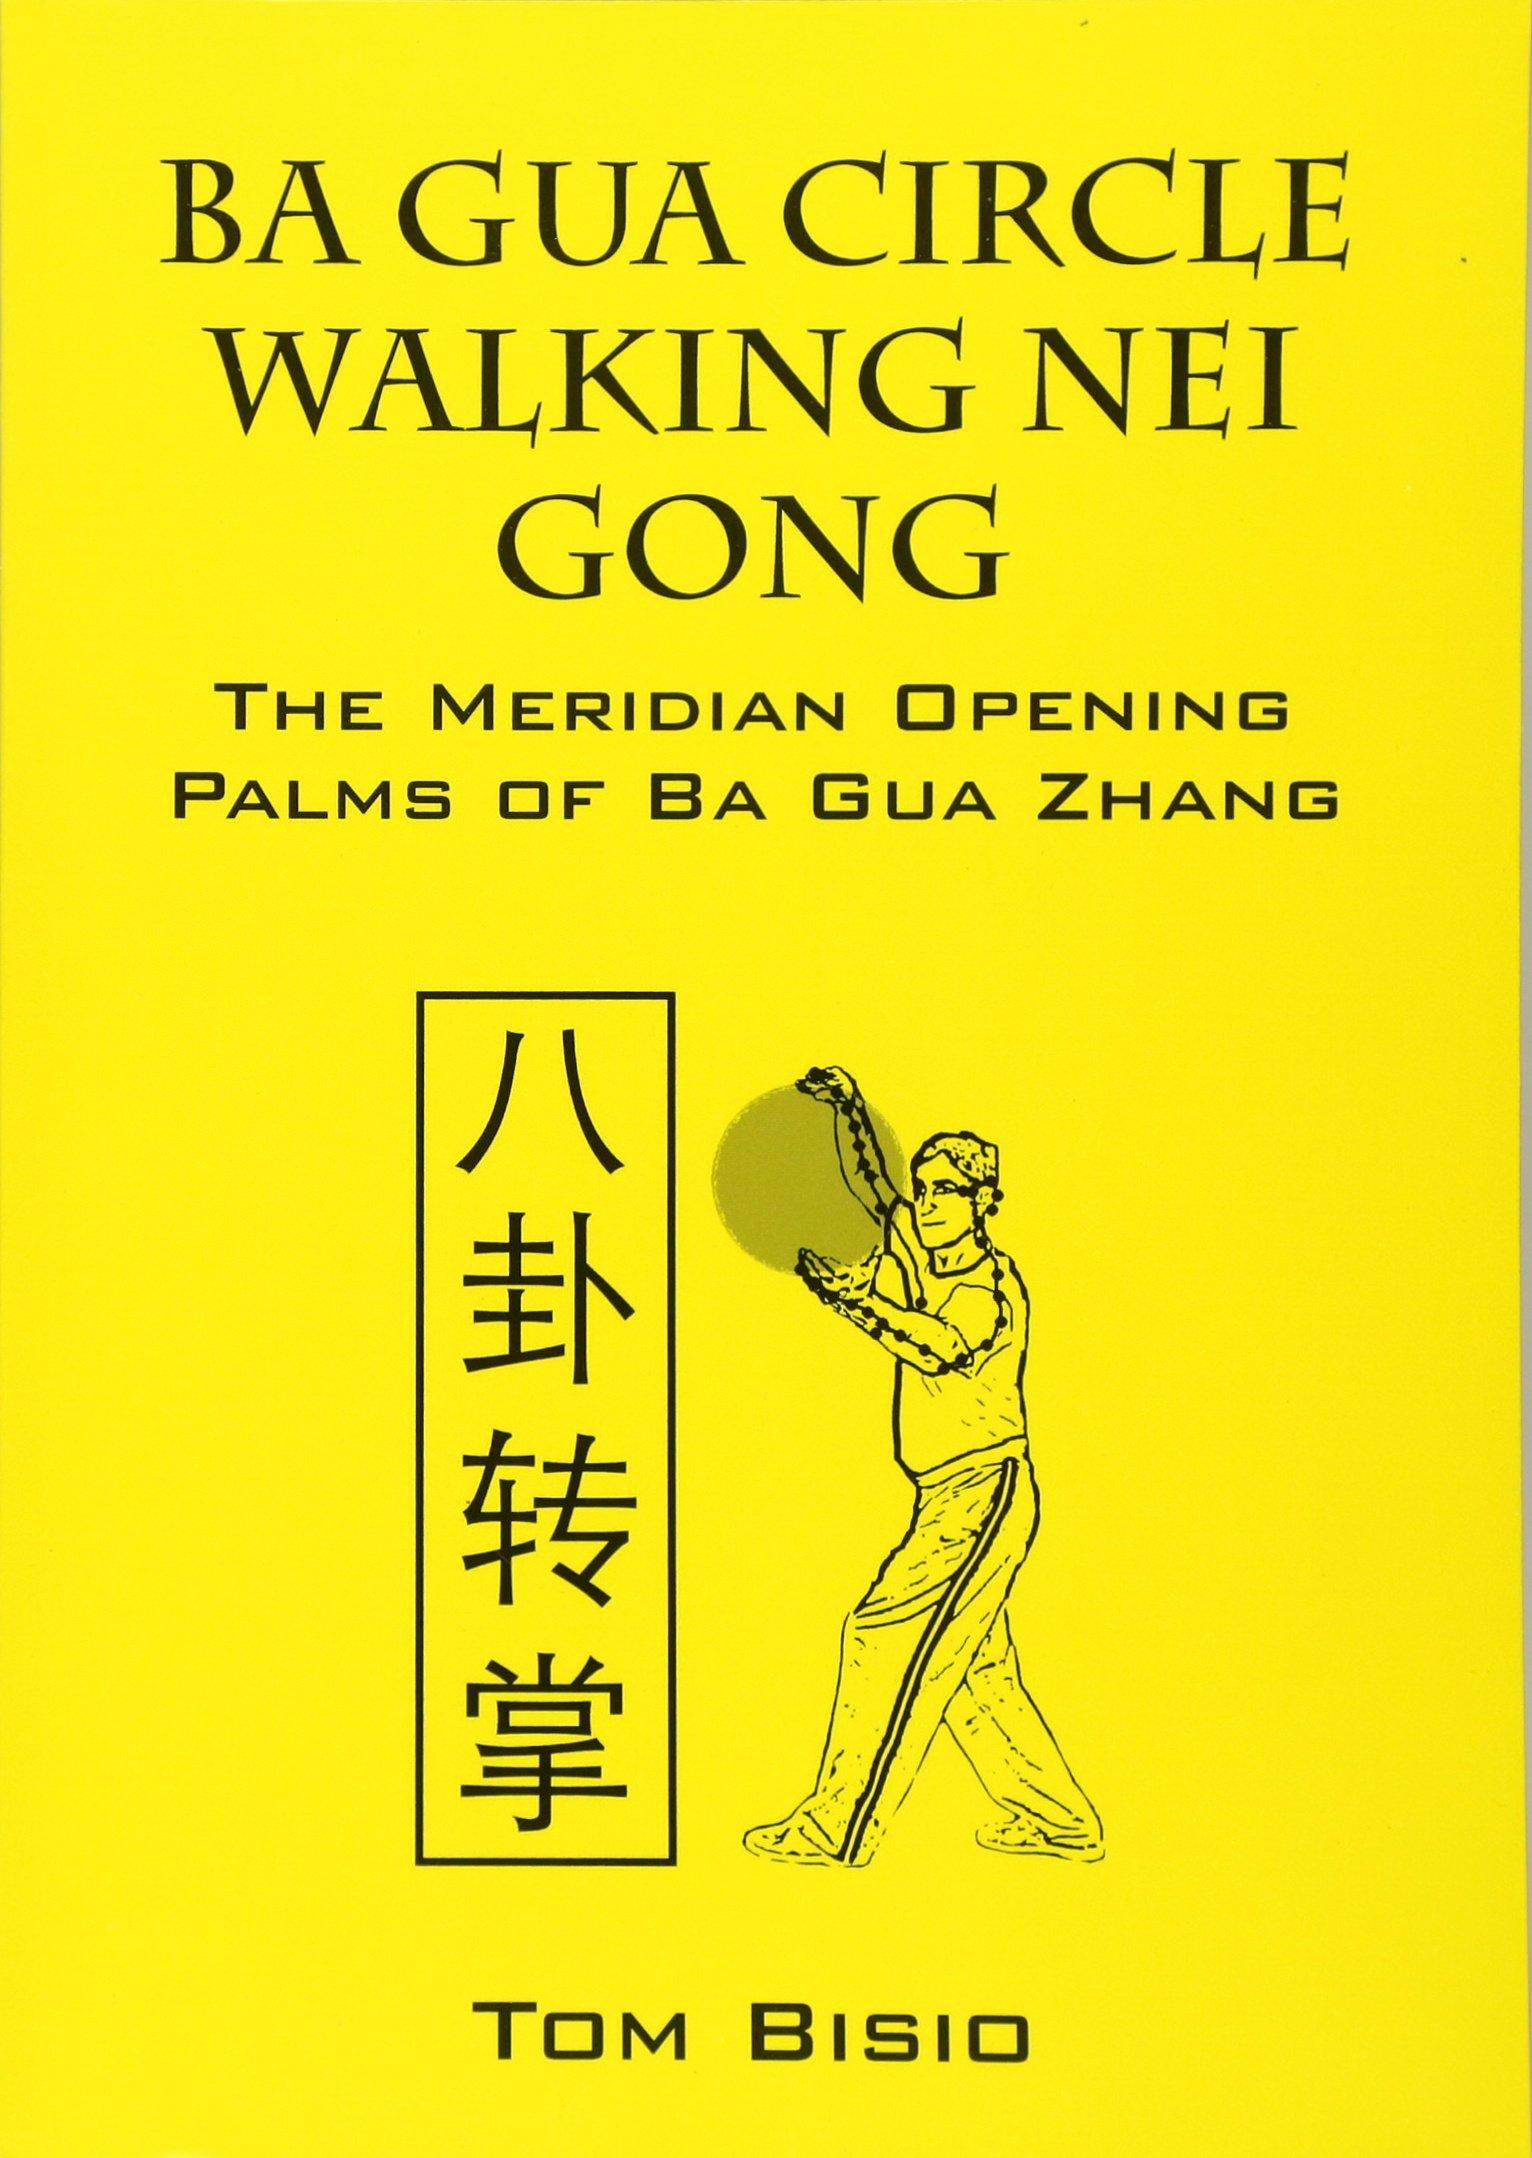 Ba Gua Circle Walking Nei Gong: The Meridian Opening Palms